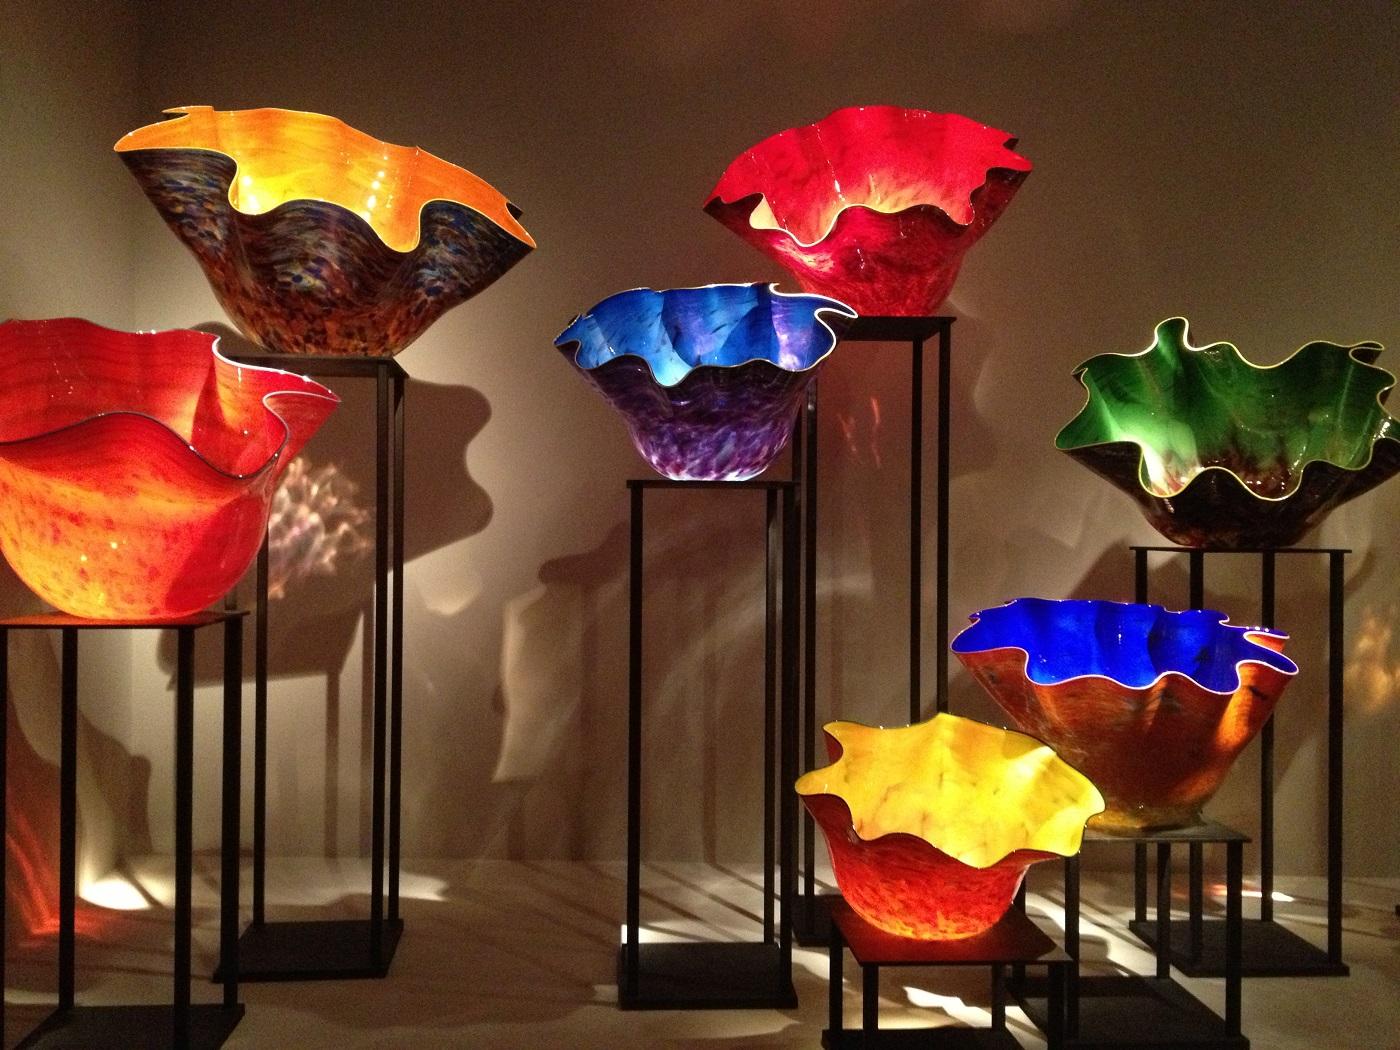 Muzeul de Artă, exponate din sticlă Chihuly